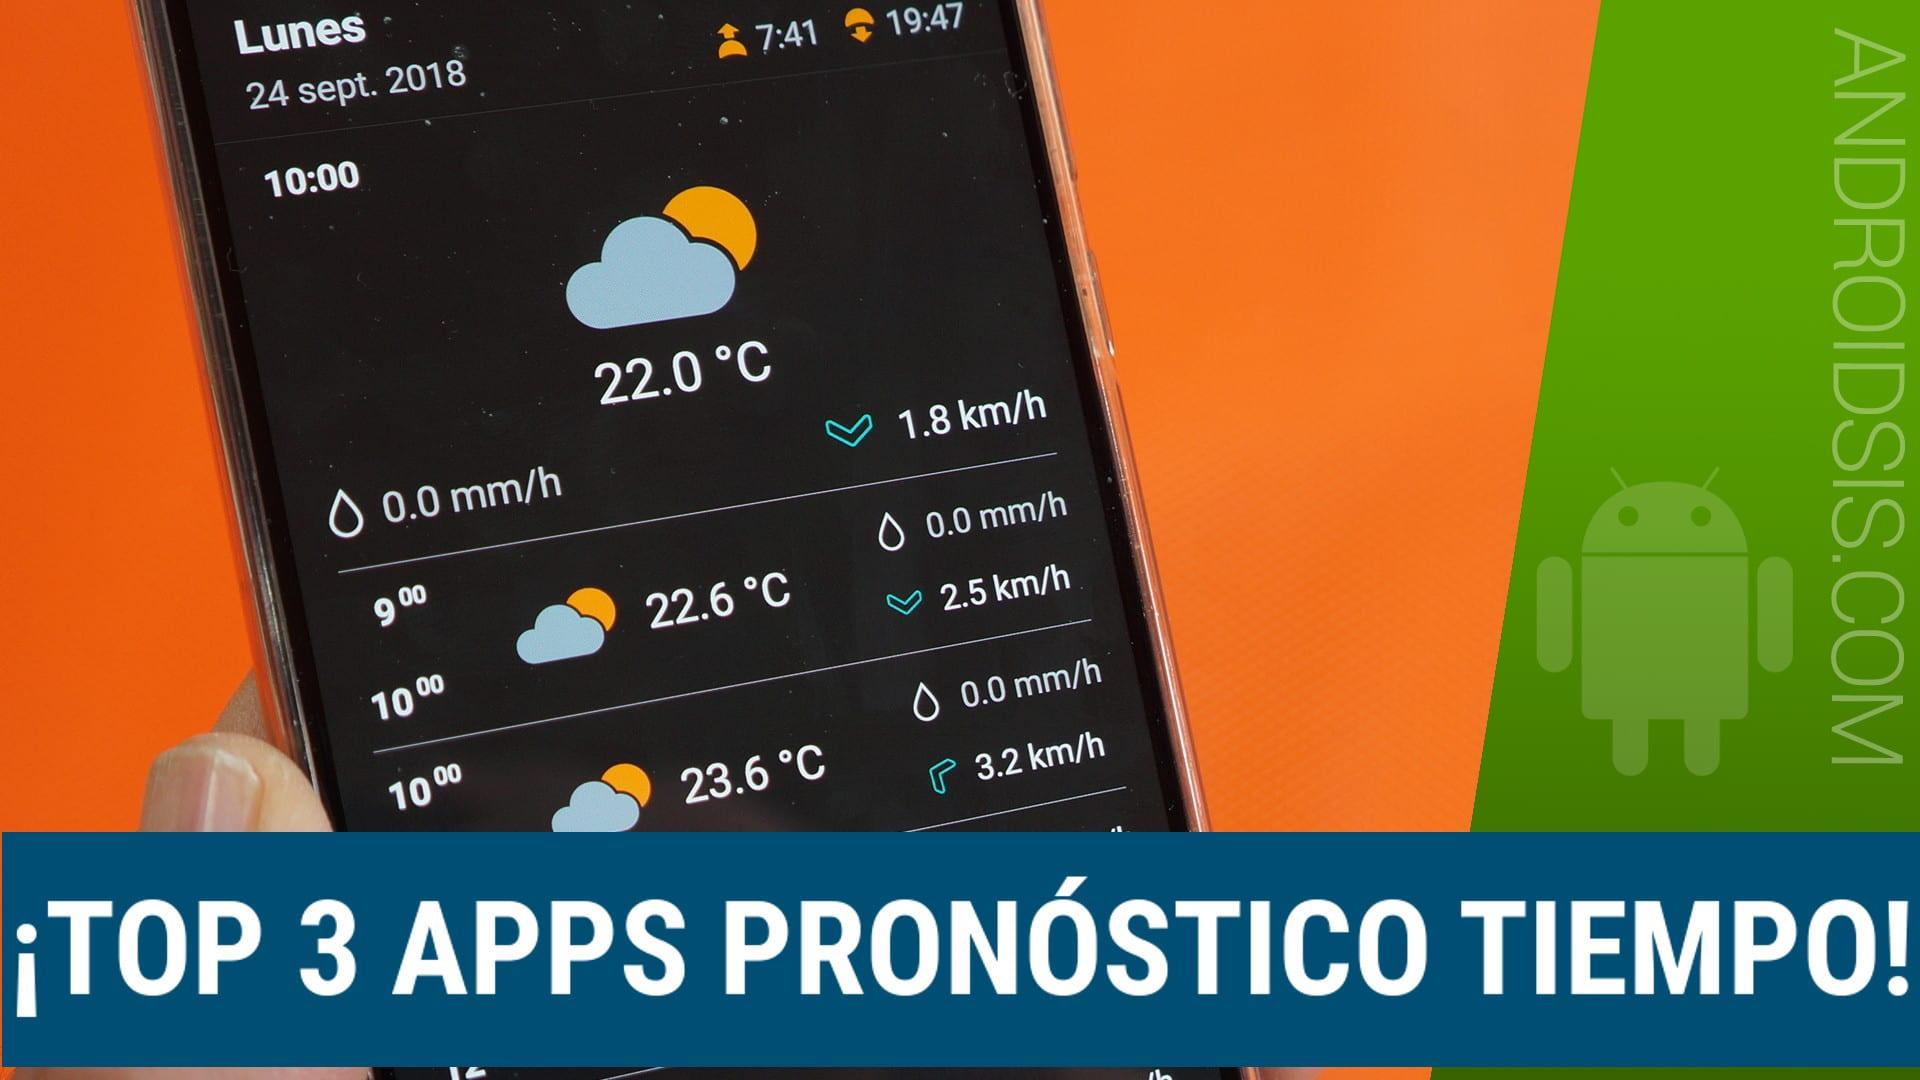 ¡¡Marchando 3 del Tiempo!!: Top 3 apps pronóstico del tiempo